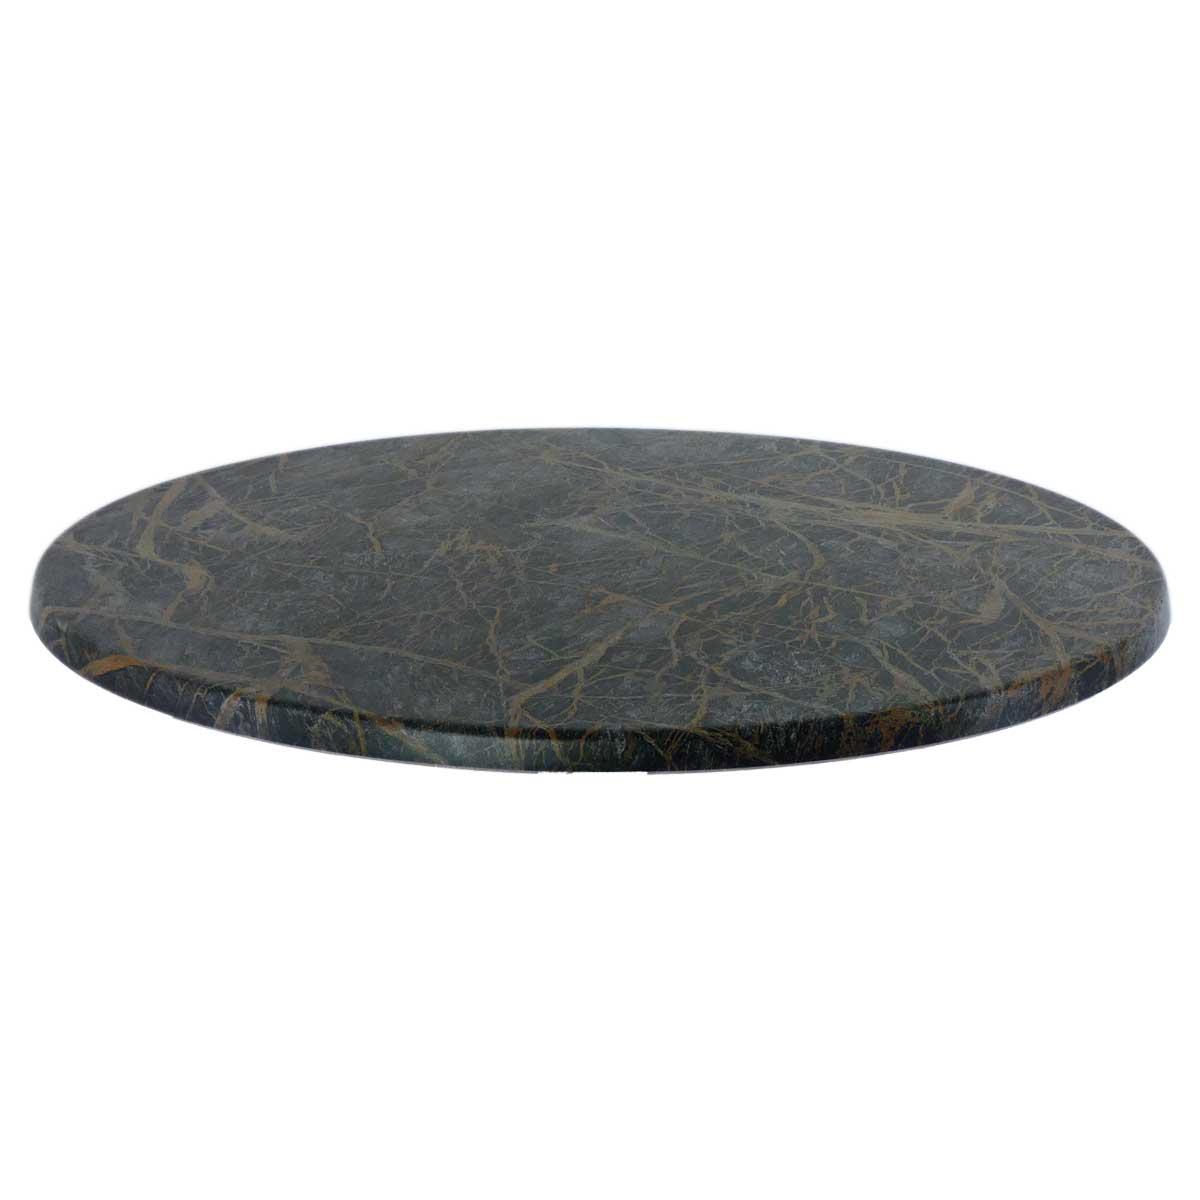 TICLA R70 174 - https://www.werzalit.com/fr/produit/plateau-de-table-classic-werzalit-r-oe80-174-marmor-sienna/